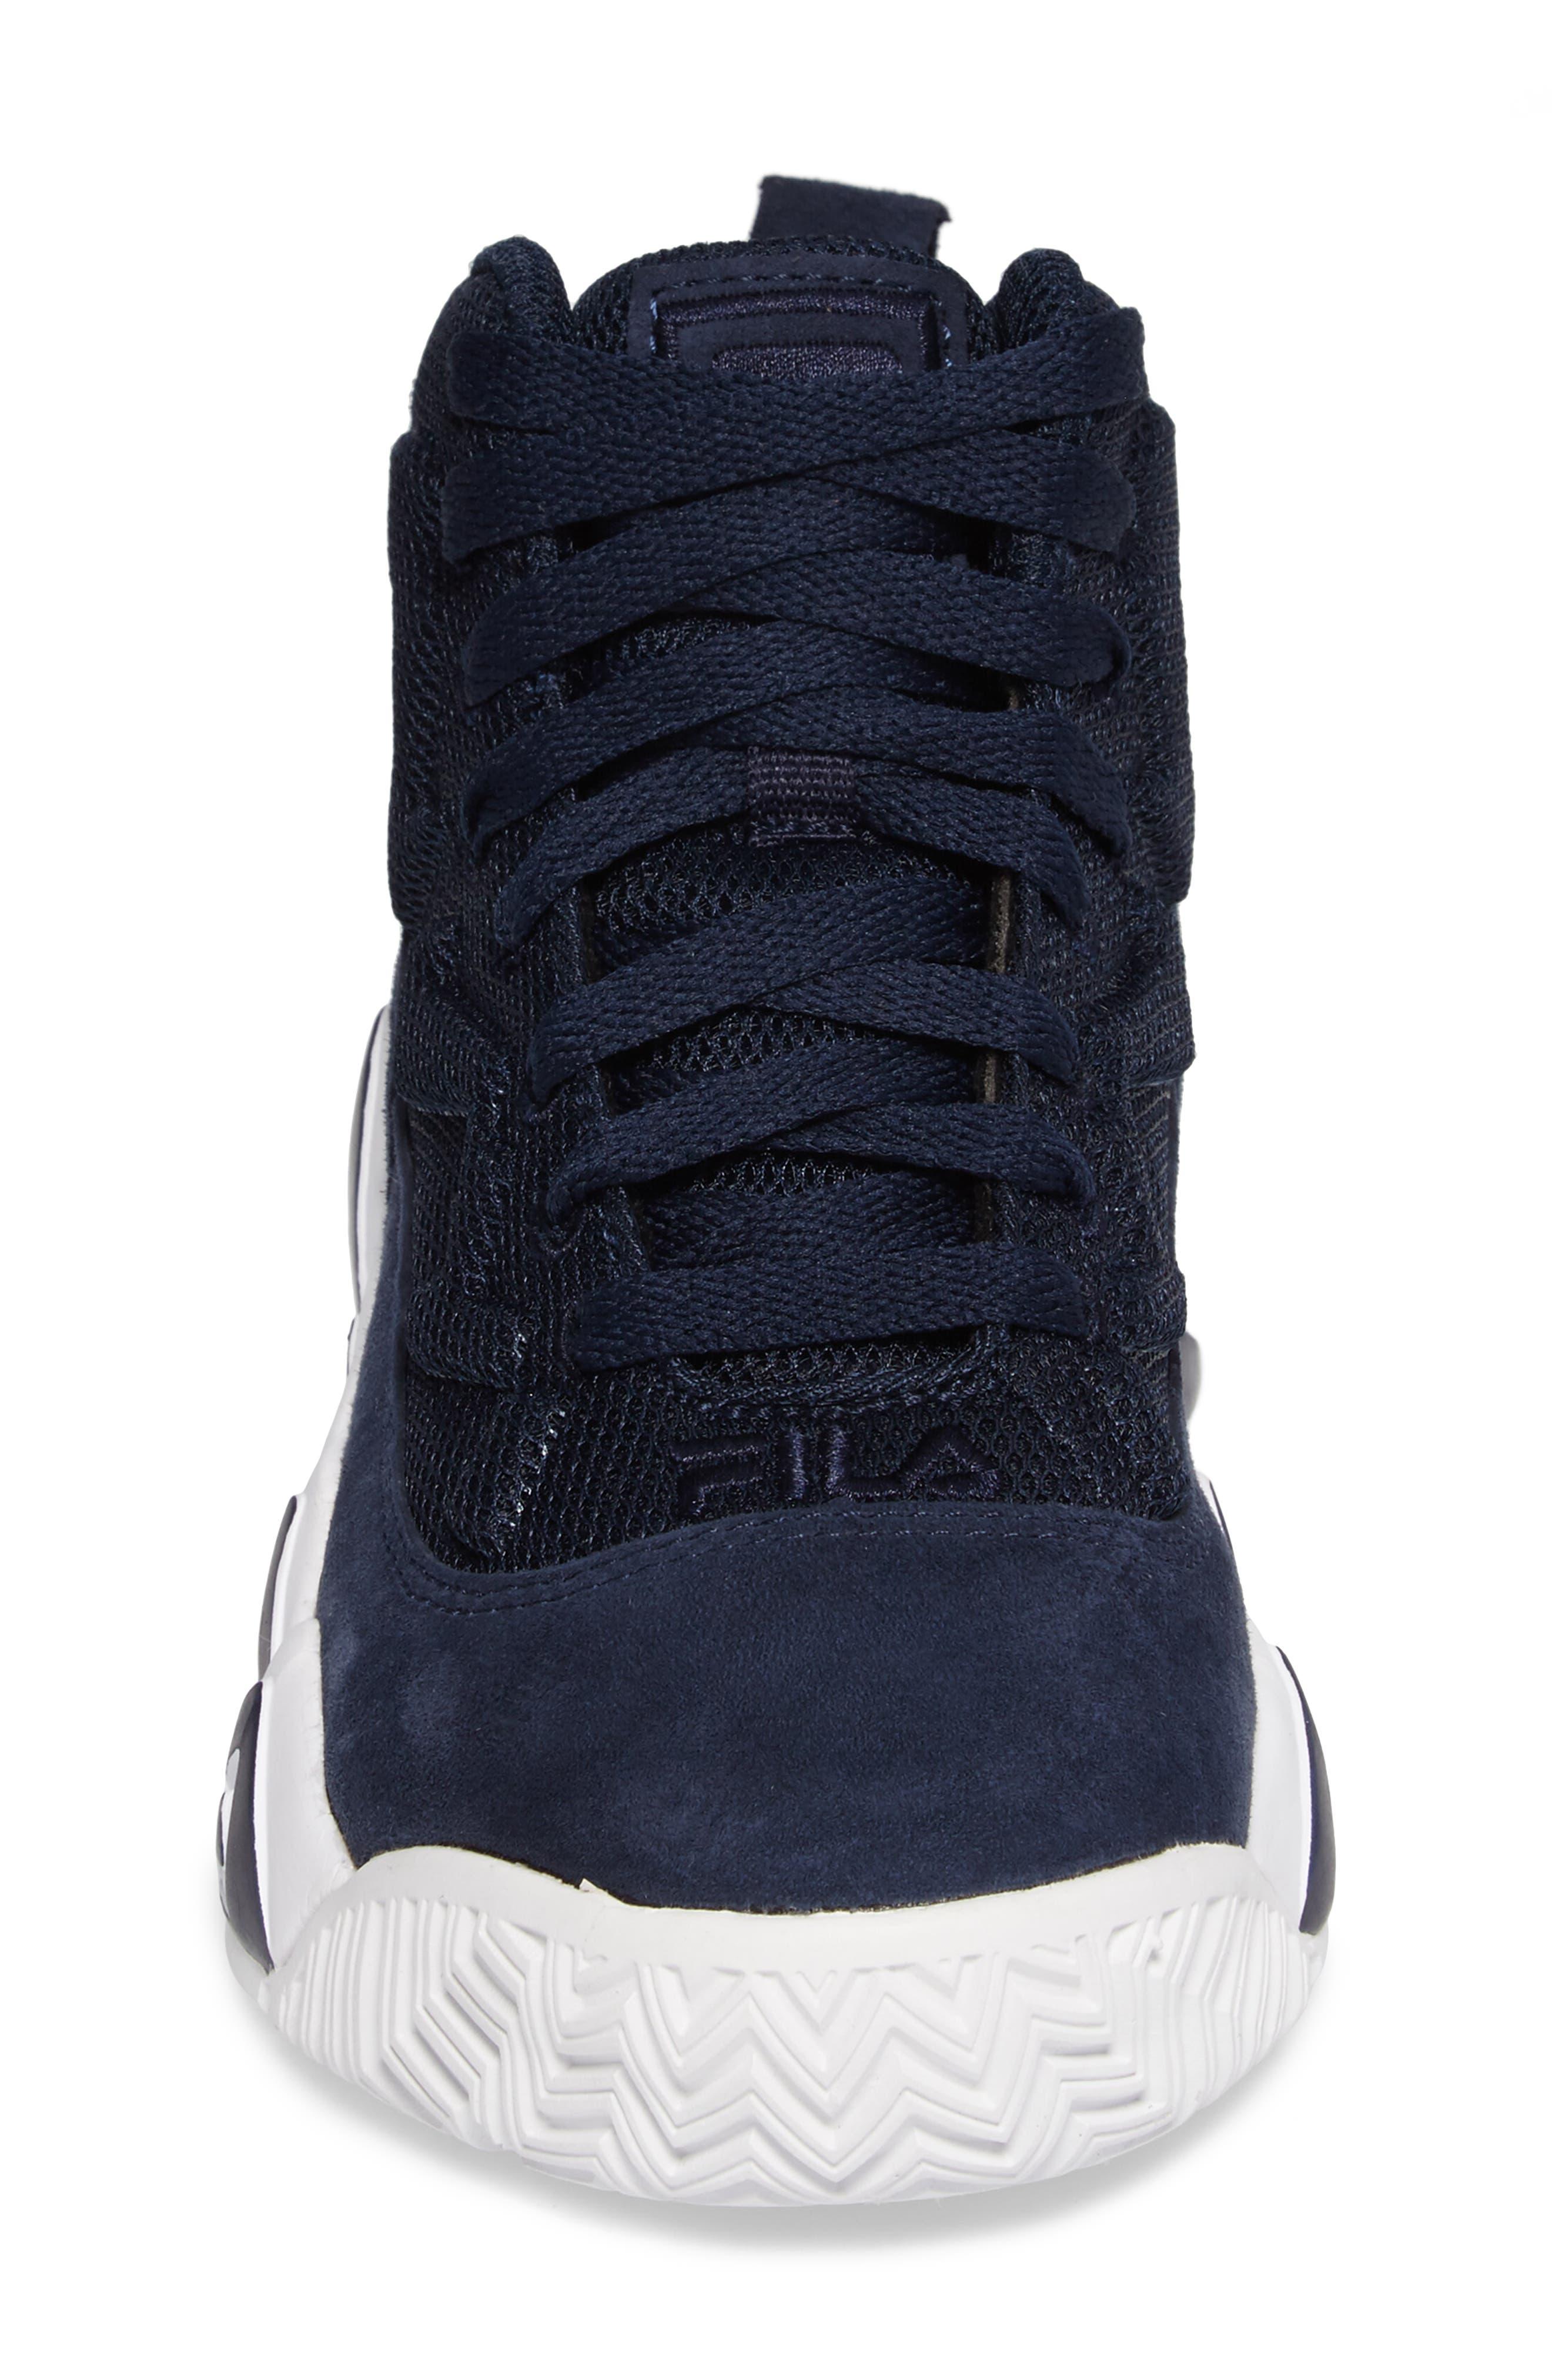 MB Mesh Sneaker,                             Alternate thumbnail 4, color,                             Navy/ White